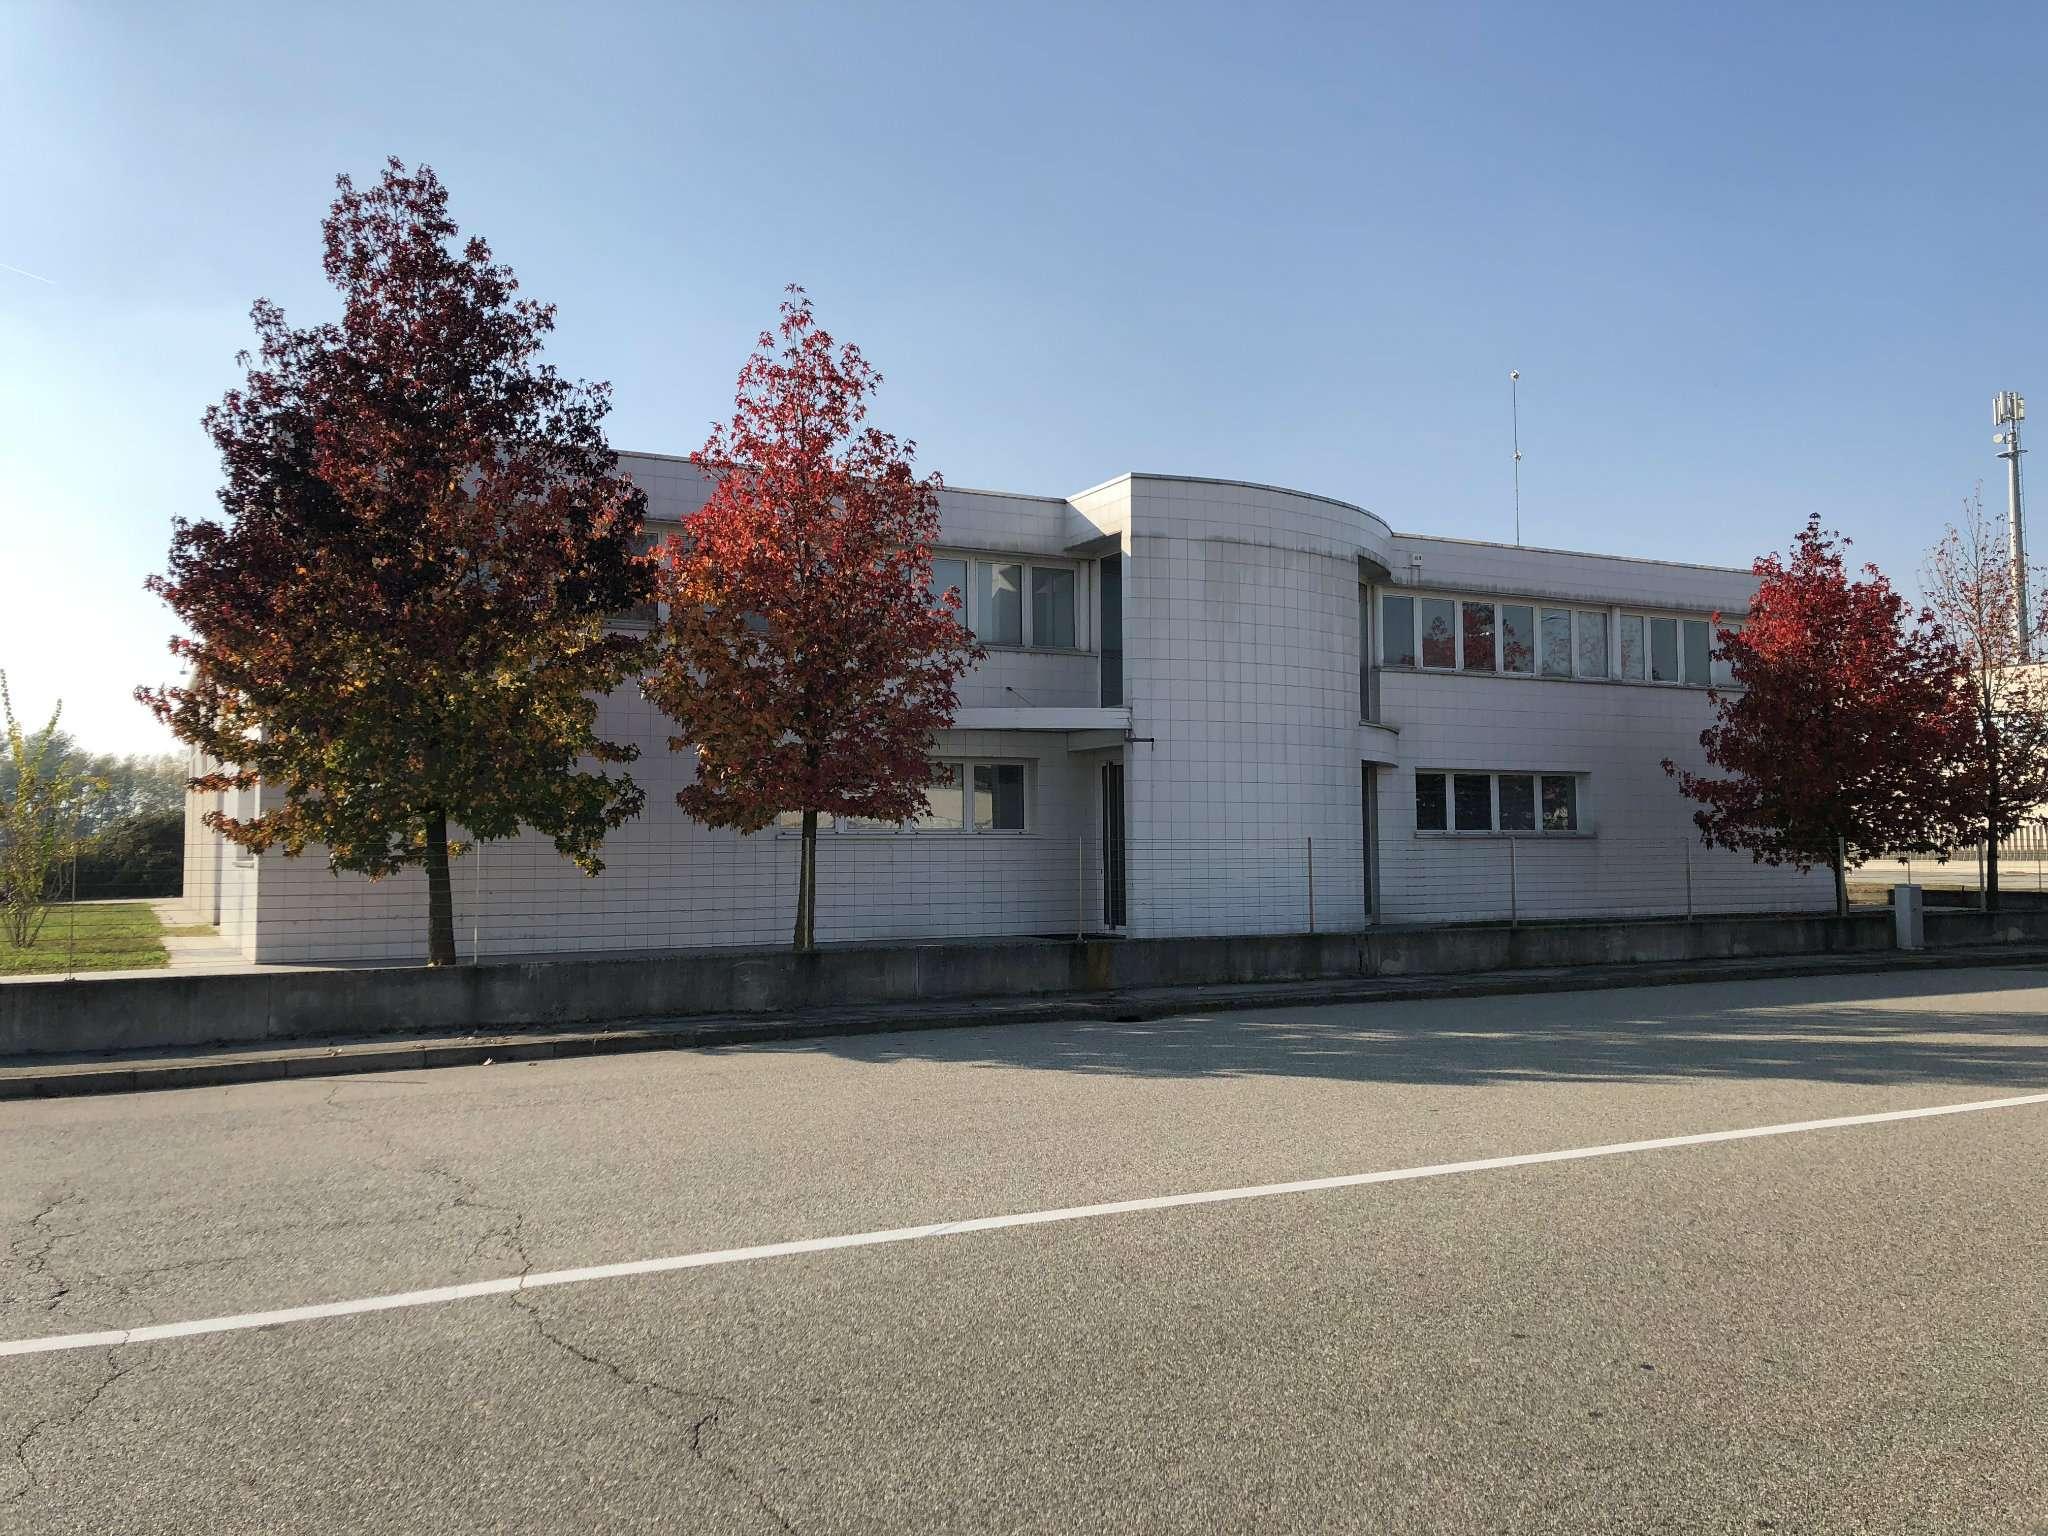 Ufficio / Studio in affitto a Caltignaga, 5 locali, prezzo € 700 | CambioCasa.it